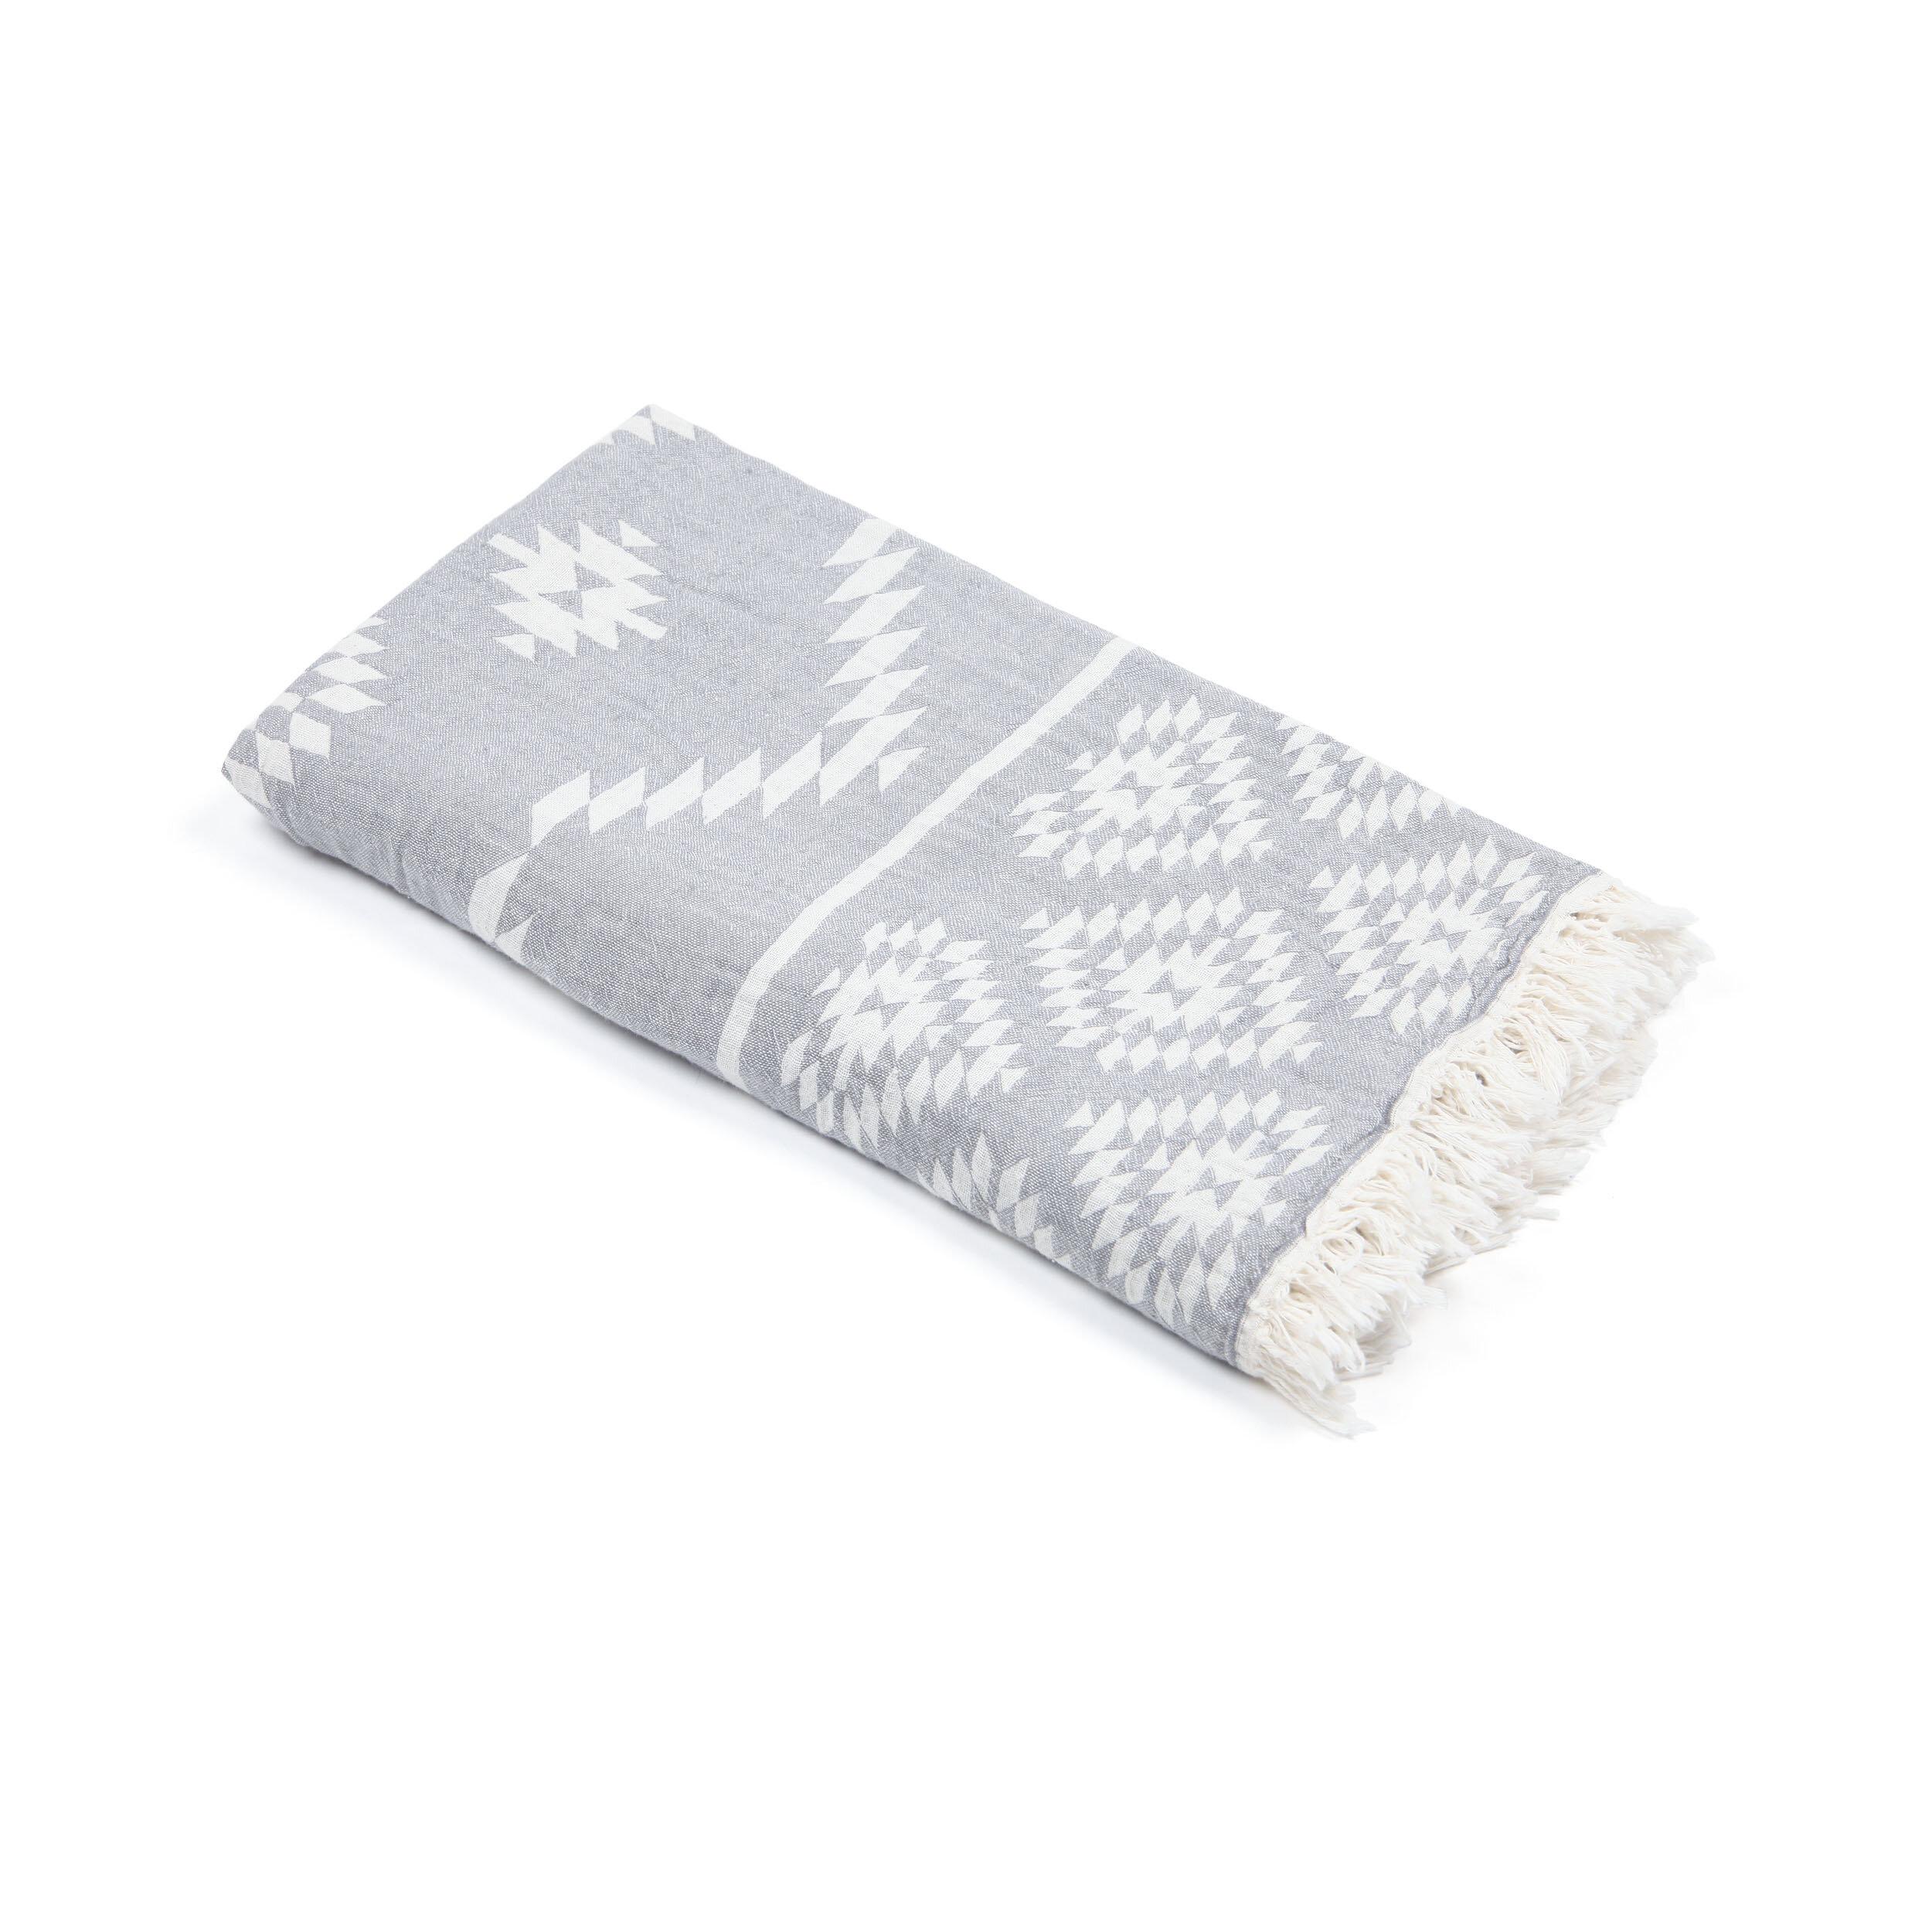 Union Rustic Malden Turkish Cotton Bath Towel Reviews Wayfair